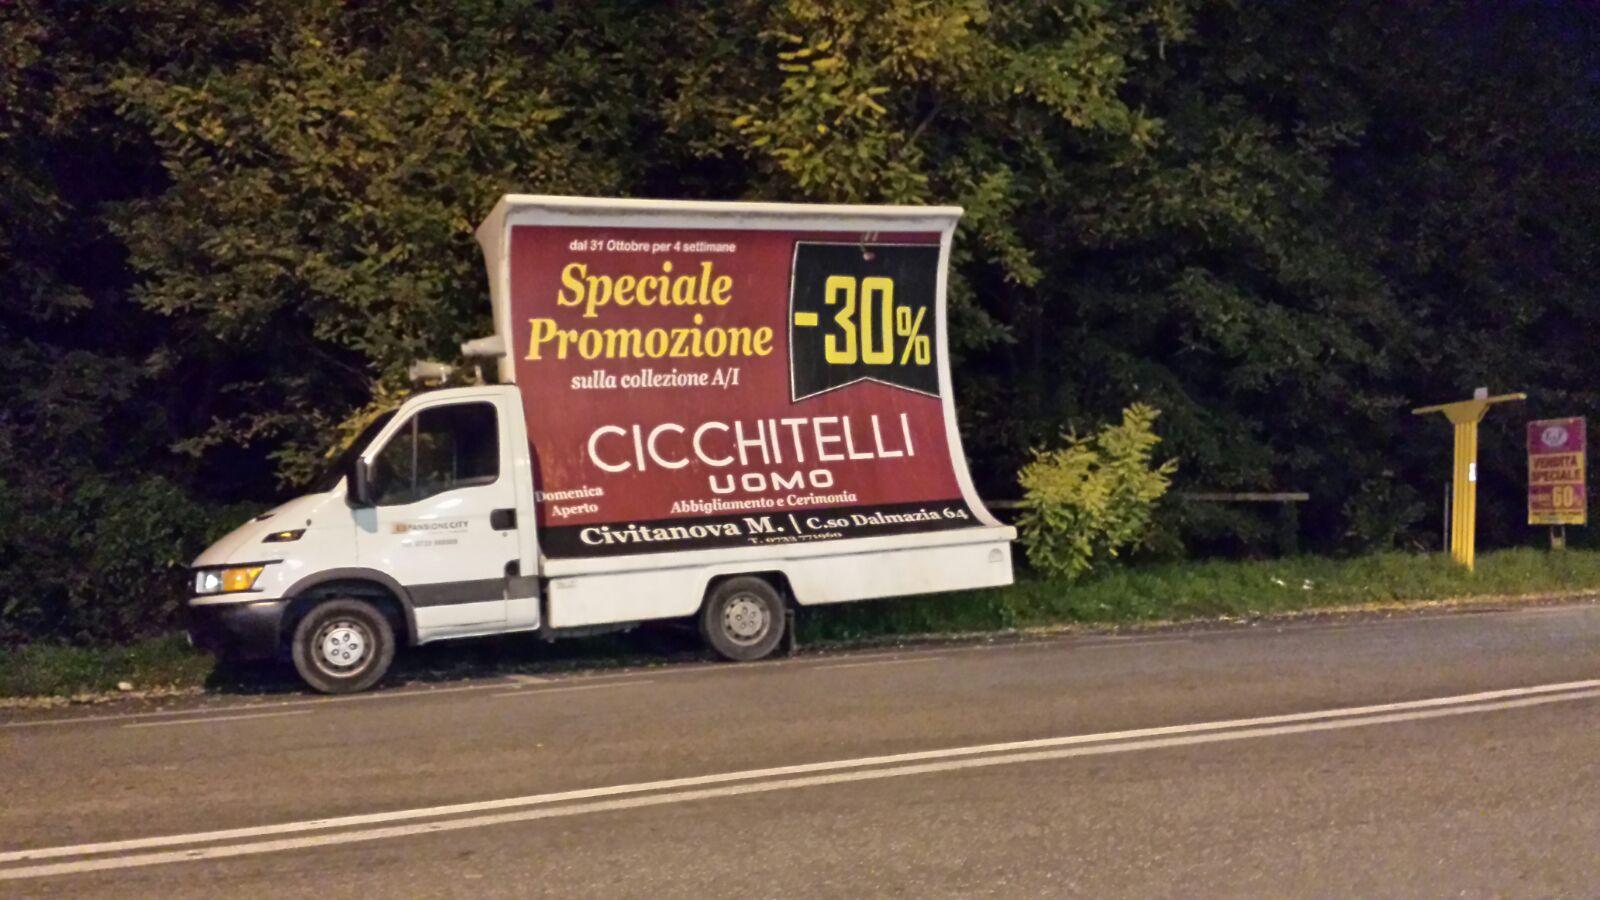 camione vela per Vendita promozionale a Civitanova Marche